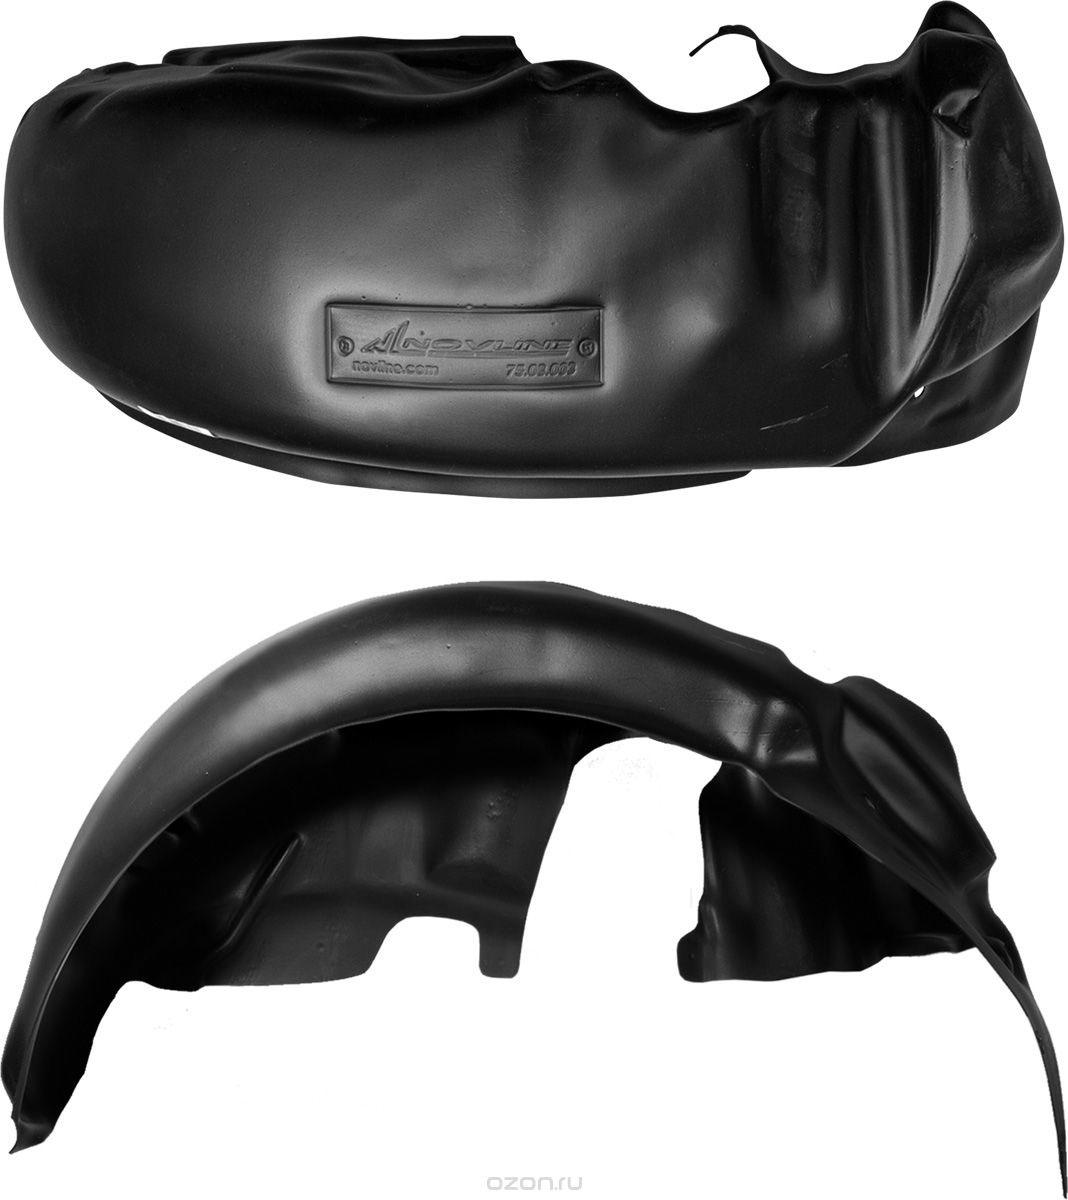 Подкрылок Novline-Autofamily, для Geely GC6, 2014->, передний правыйNLL.75.08.002Идеальная защита колесной ниши. Локеры разработаны с применением цифровых технологий, гарантируют максимальную повторяемость поверхности арки. Изделия устанавливаются без нарушения лакокрасочного покрытия автомобиля, каждый подкрылок комплектуется крепежом. Уважаемые клиенты, обращаем ваше внимание, что фотографии на подкрылки универсальные и не отражают реальную форму изделия. При этом само изделие идет точно под размер указанного автомобиля.